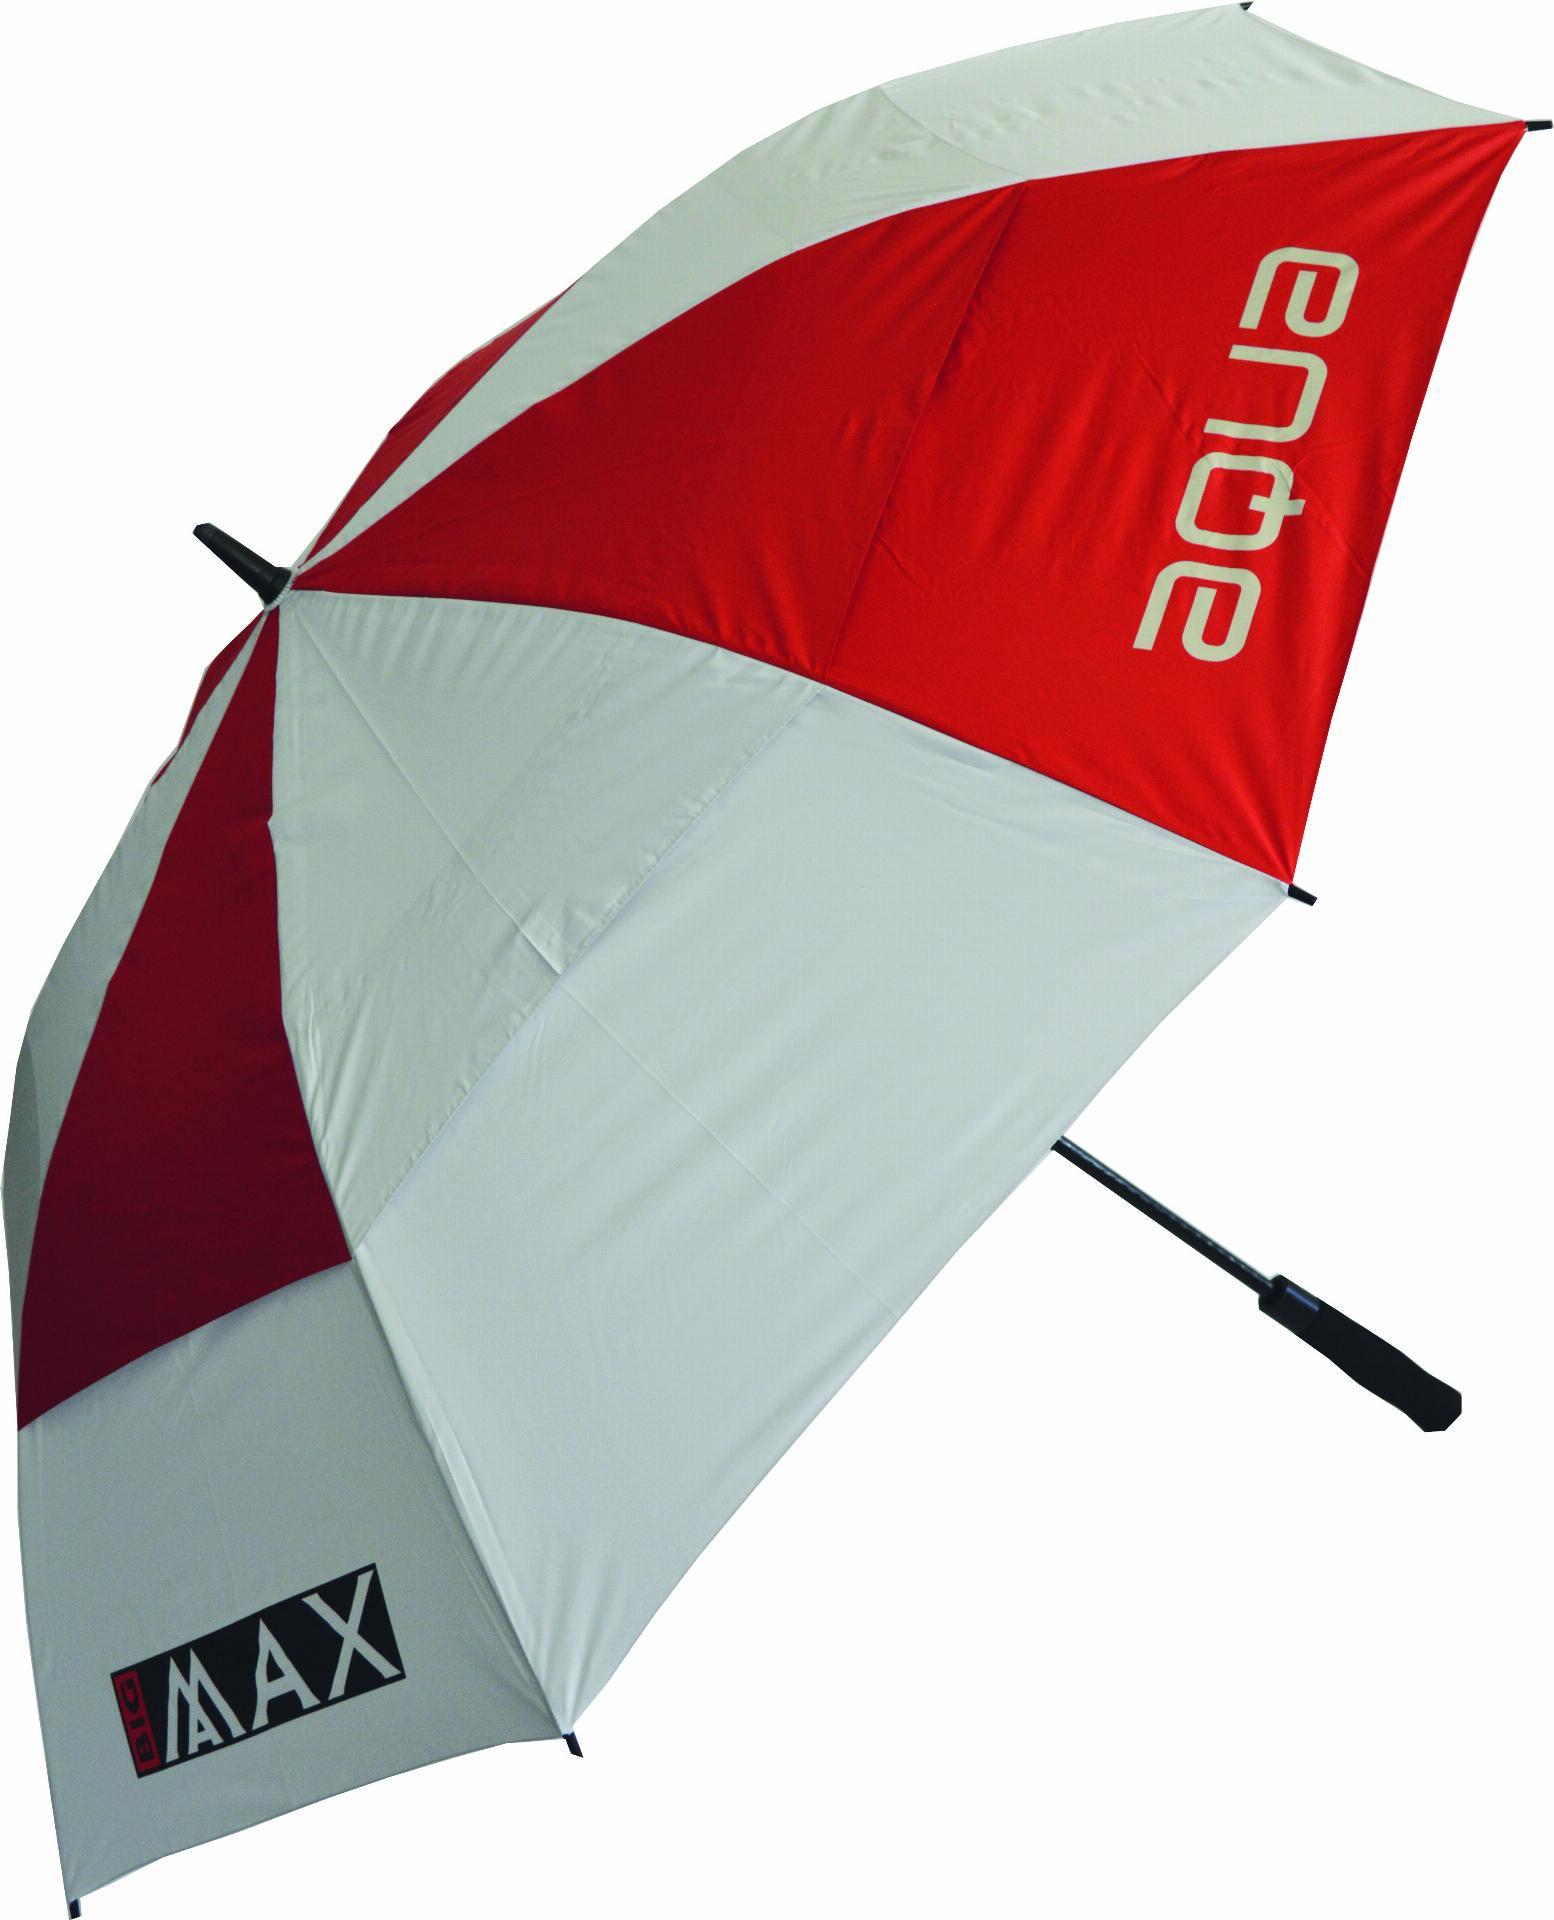 Aqua XL UV Regenschirm - white-red